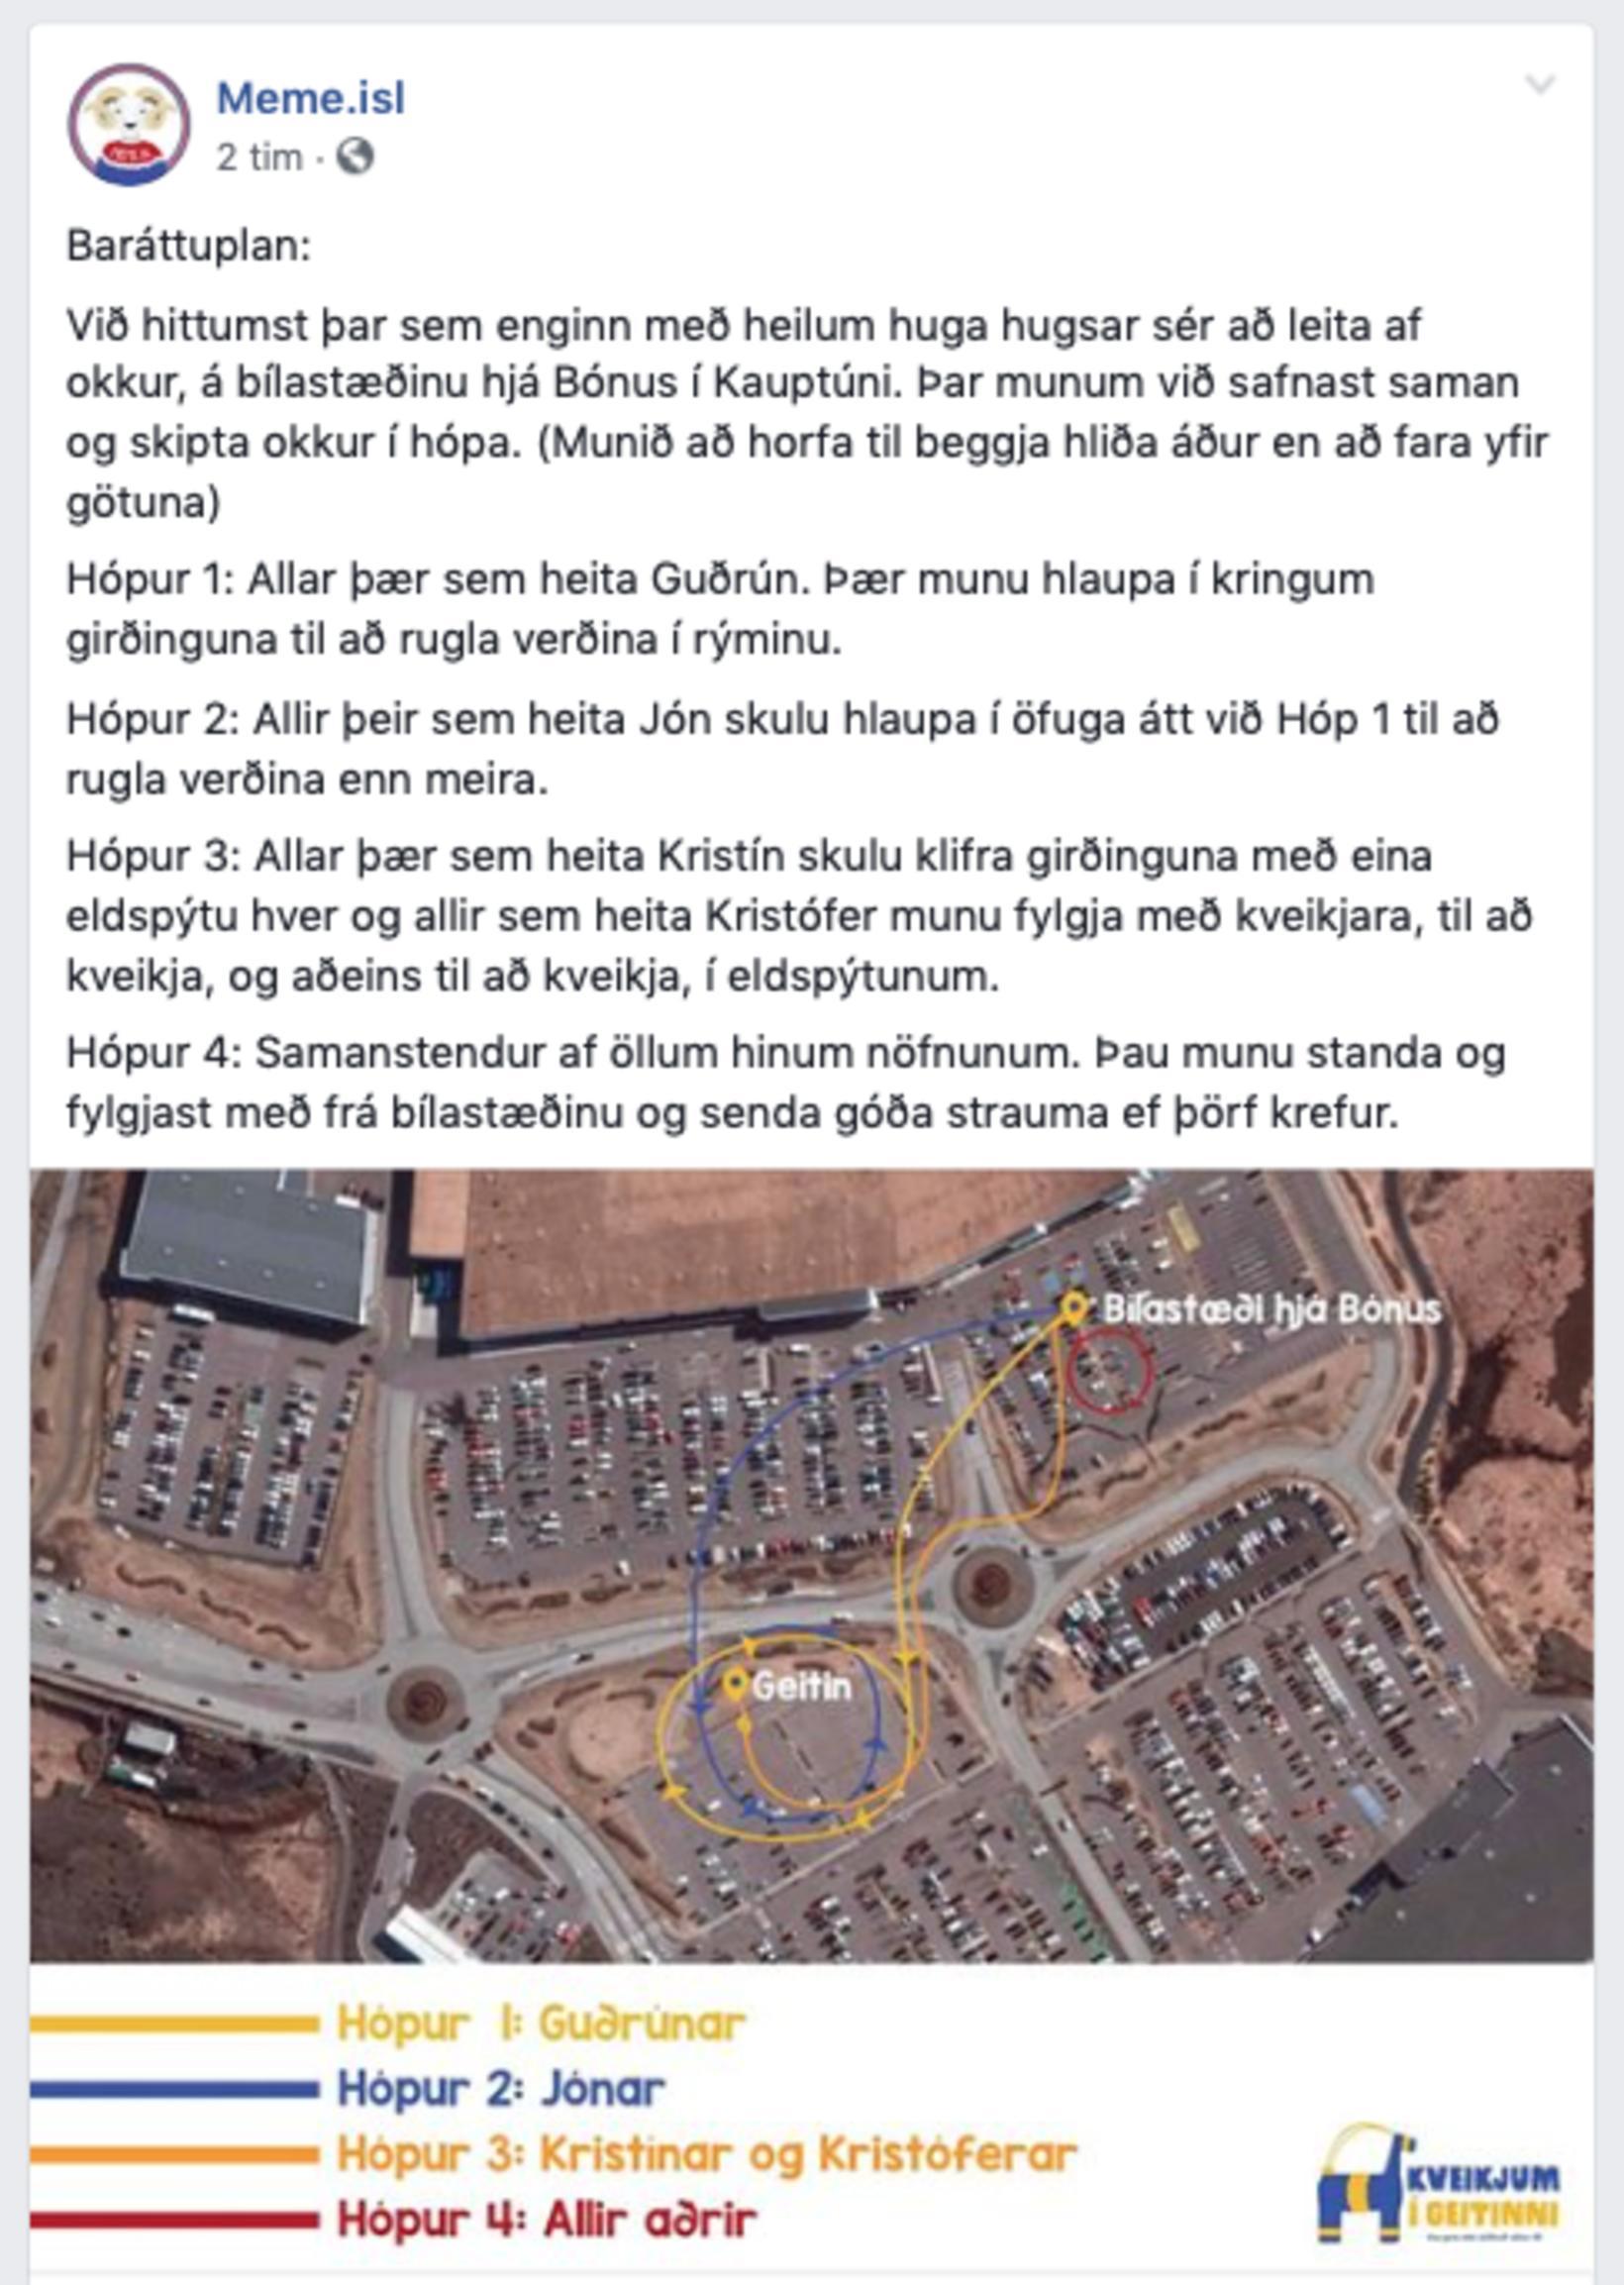 Eins og sjá má er tilræðið þaulskipulagt.